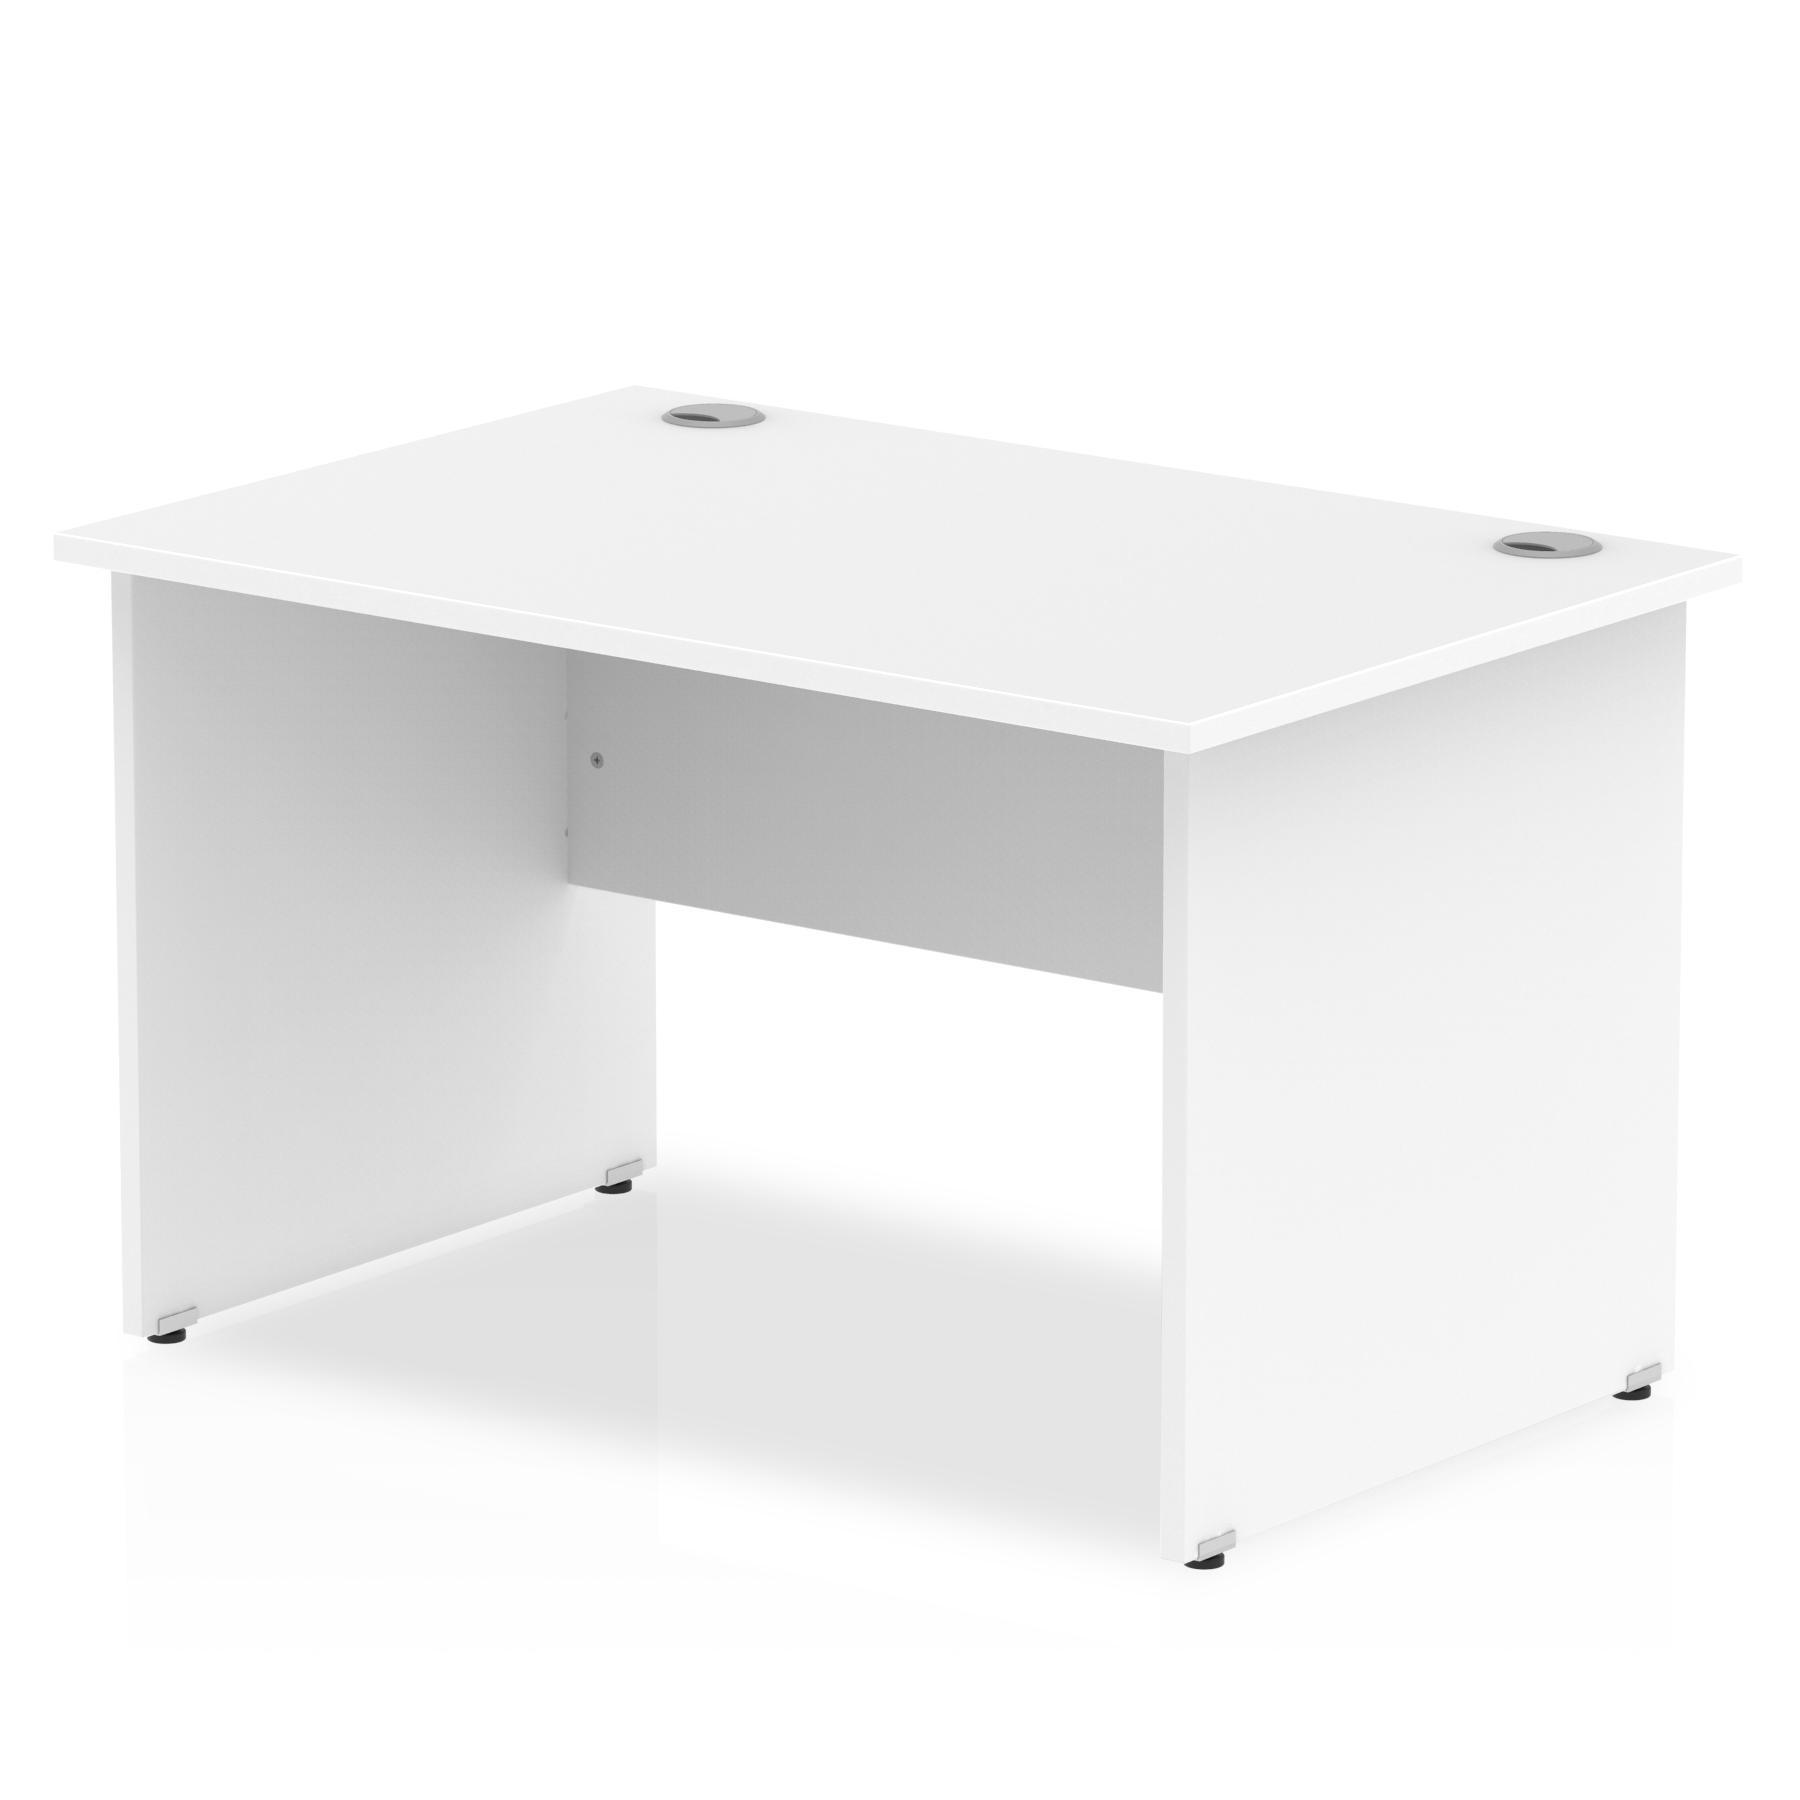 Rectangular Desks Impulse 1200 x 800mm Straight Desk White Top Panel End Leg I000393